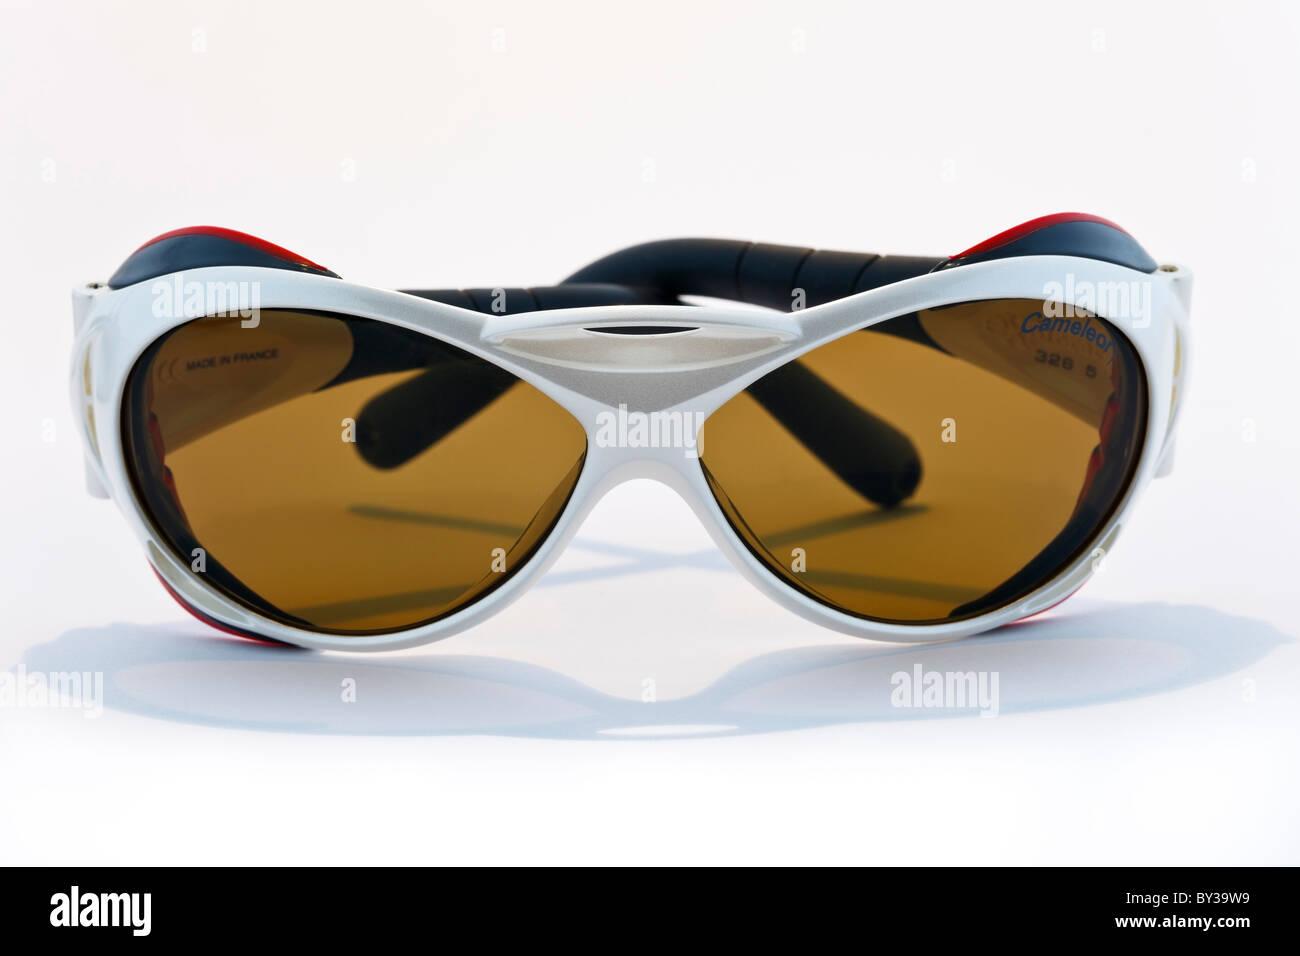 95a5cb6d02 Gafas de glaciar Julbo Explorer con Cameleon fotocromáticos lentes de color  marrón oscuro sobre un fondo completamente blanco